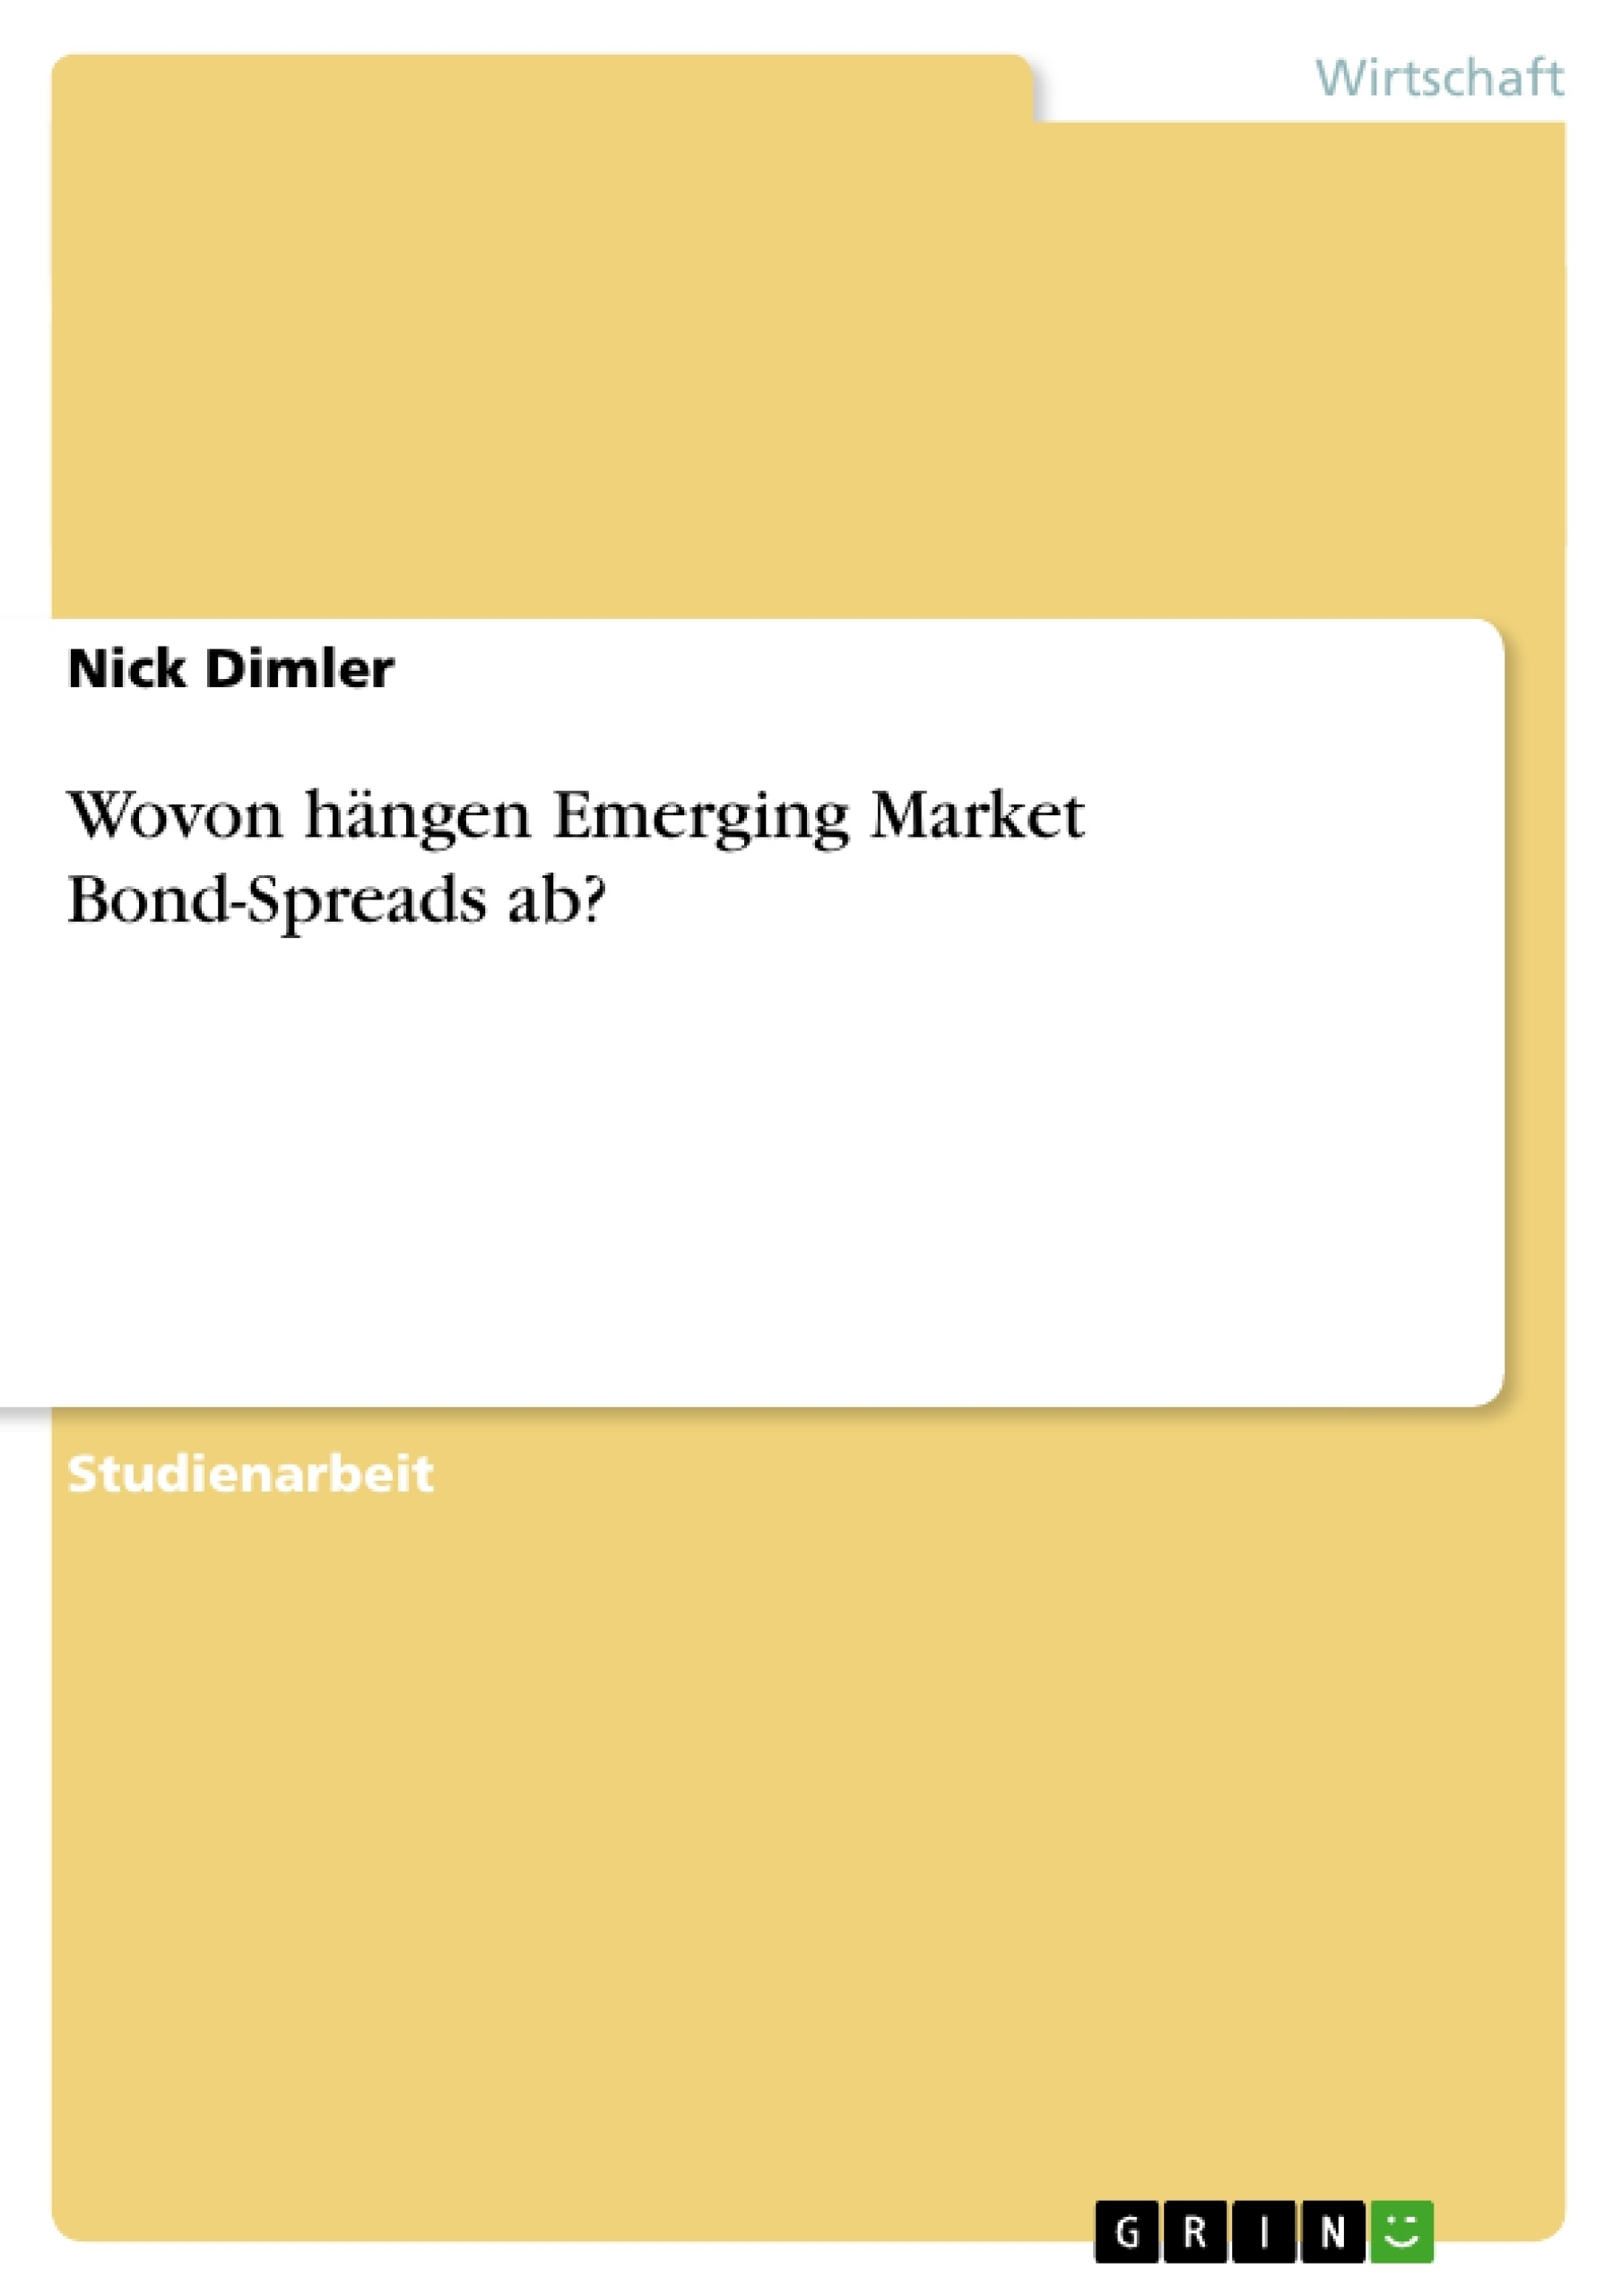 Titel: Wovon hängen Emerging Market Bond-Spreads ab?